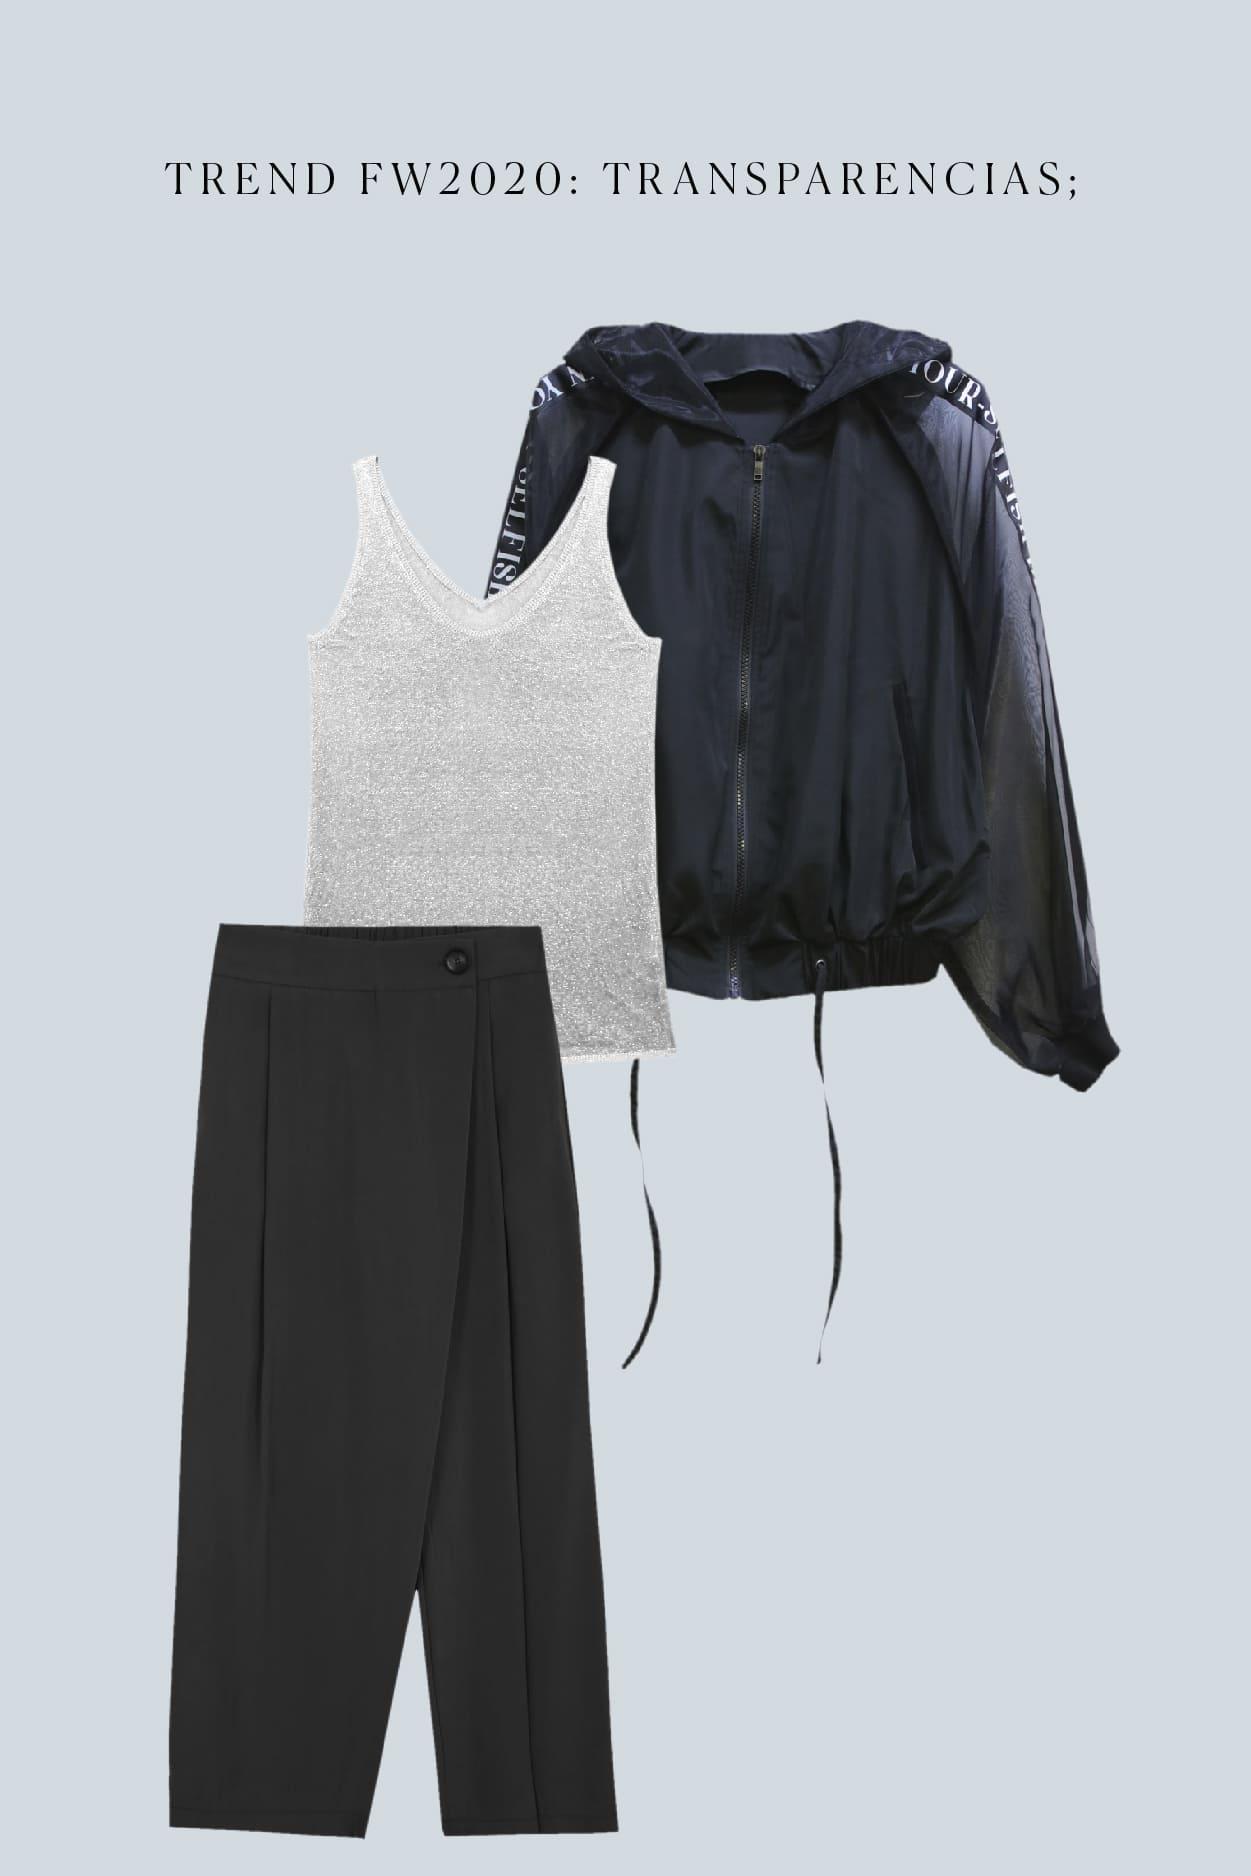 look con transparencias estilo minimal